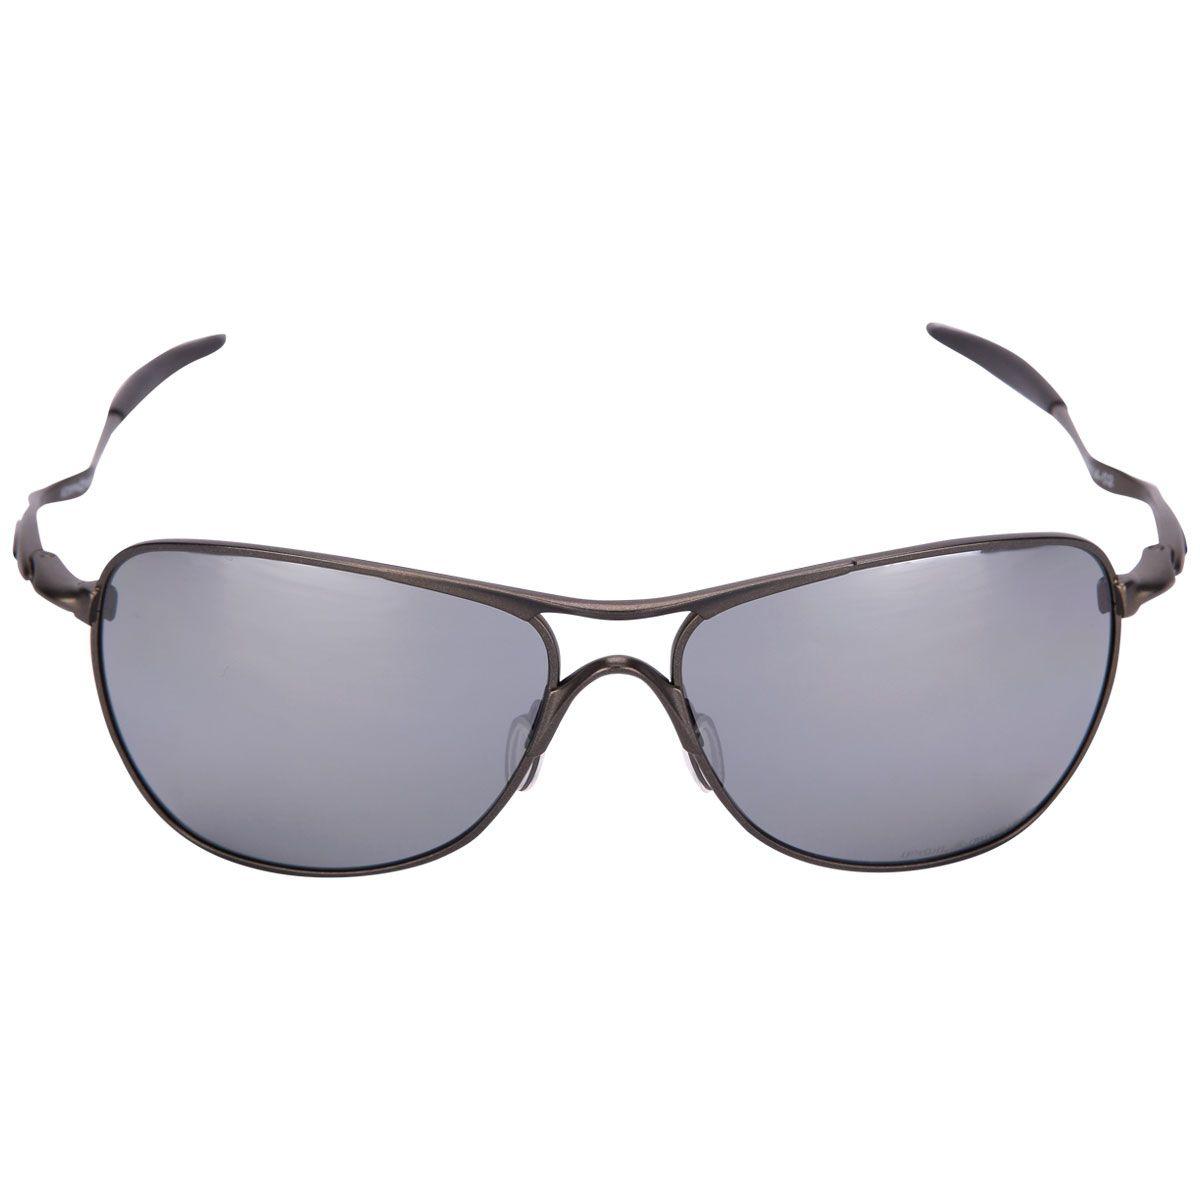 Óculos Oakley Titanium Crosshair Iridium Polarizado Preto   Netshoes ... 9ab0162ddd